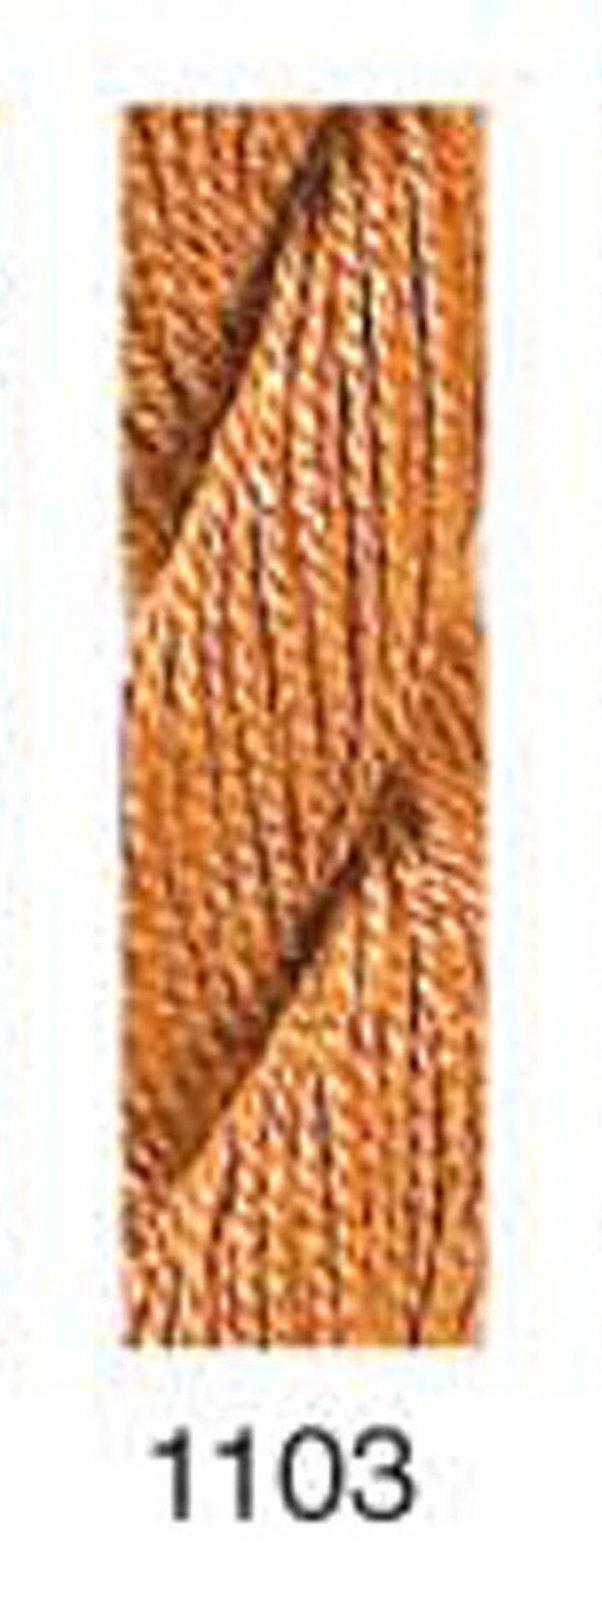 IMP-1103-ORANGE BROWN